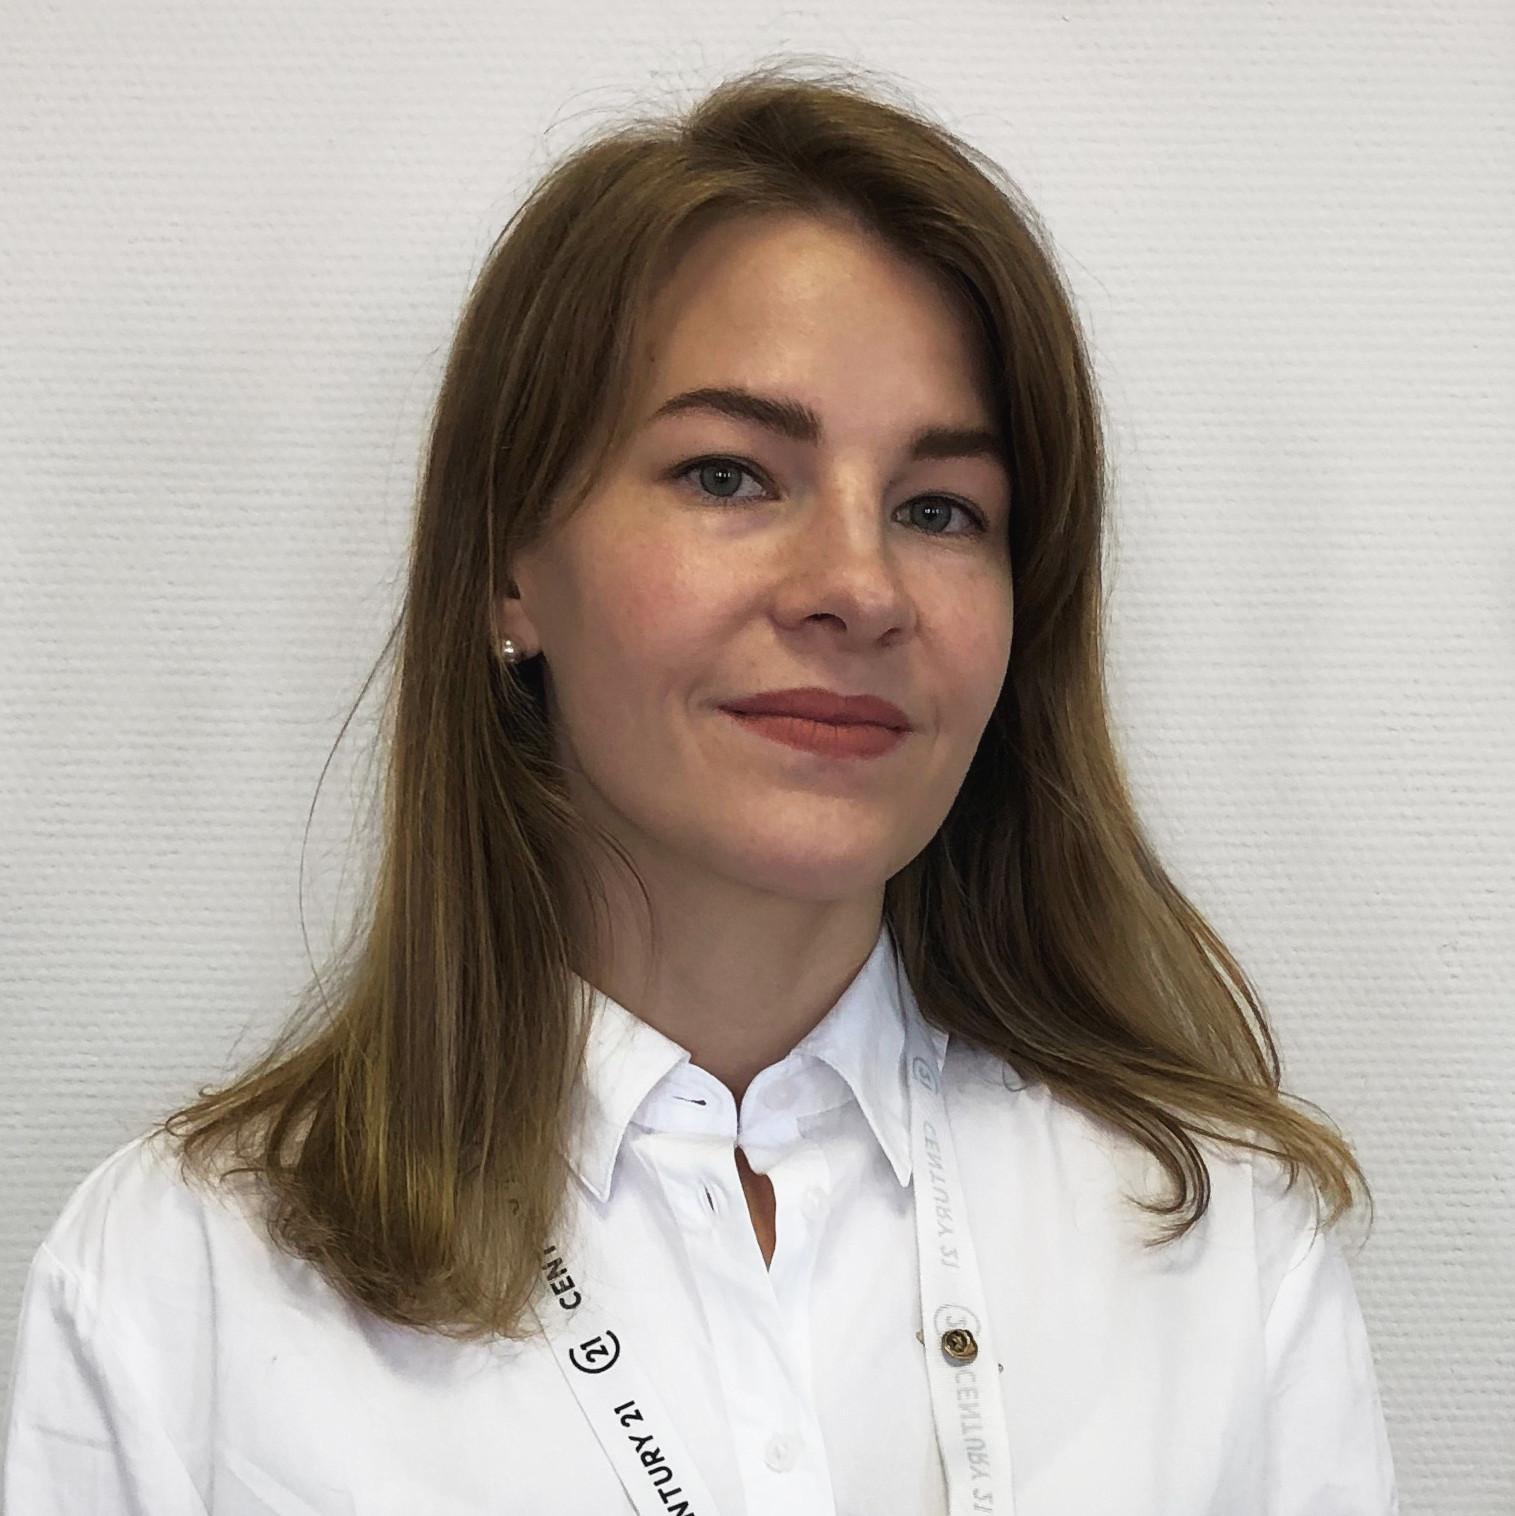 Лабутина Дарья